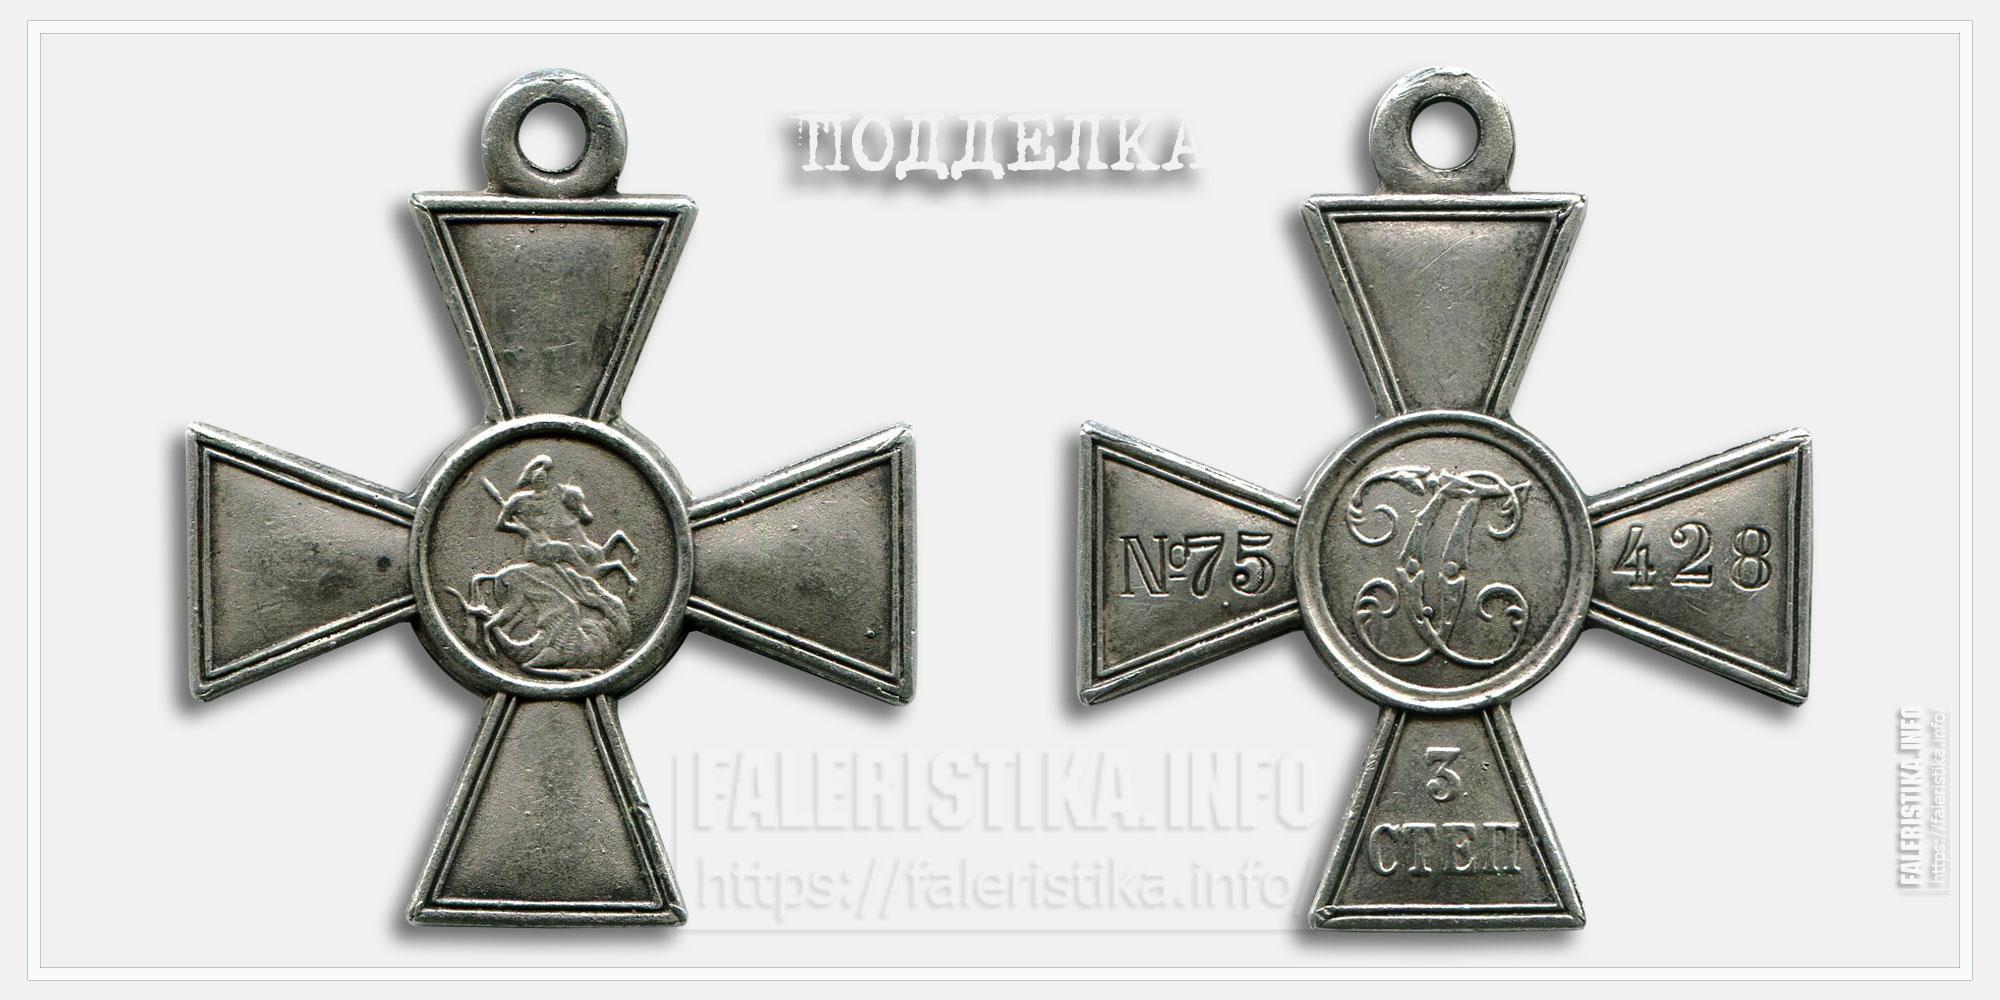 Георгиевский крест 3 ст. №75.428 (подделка)